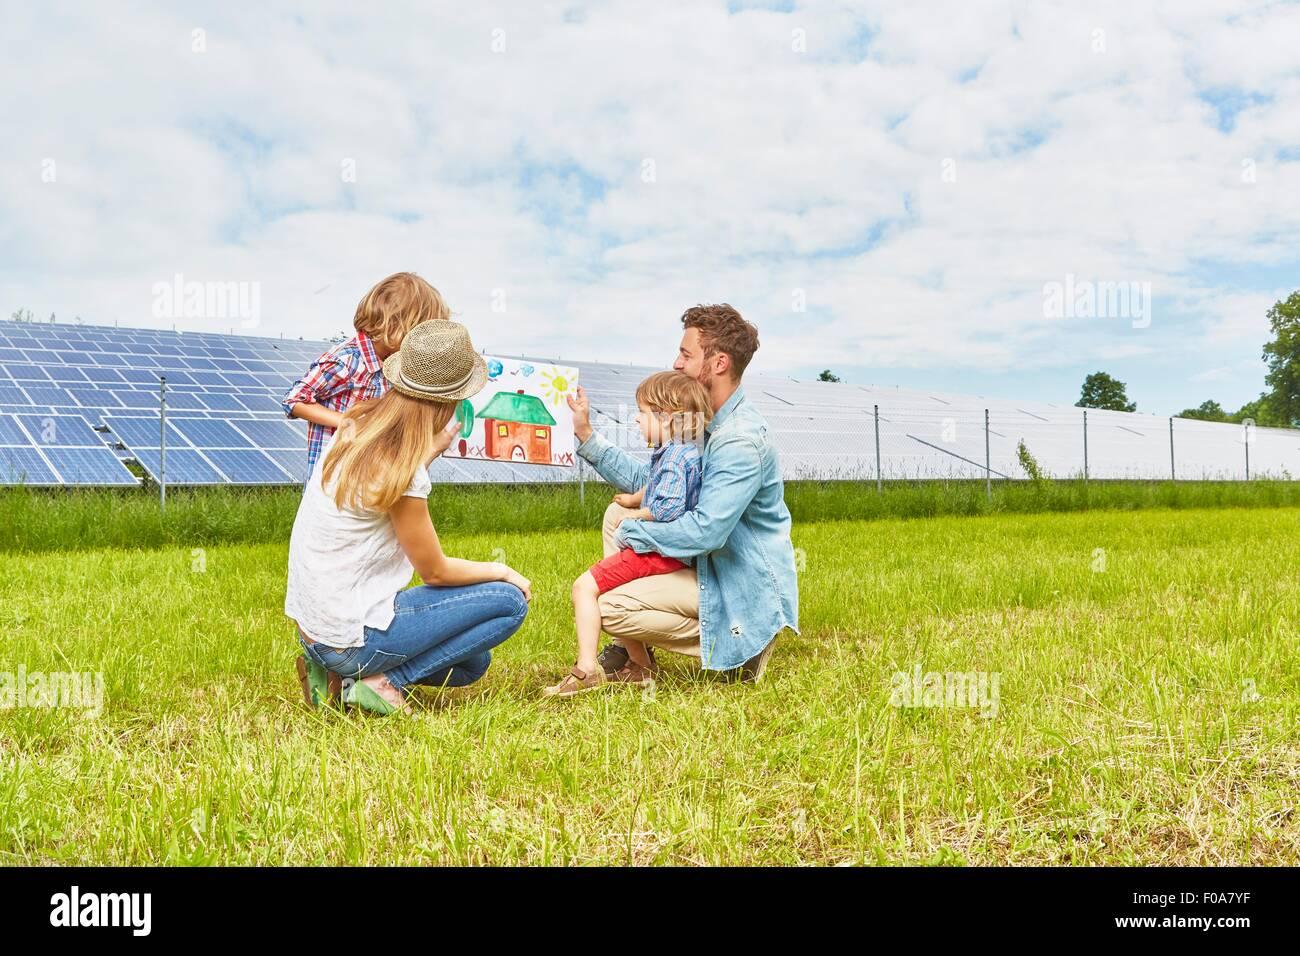 Familia joven sentado en el campo, mirando el dibujo del niño de la casa, junto a la granja solar Imagen De Stock